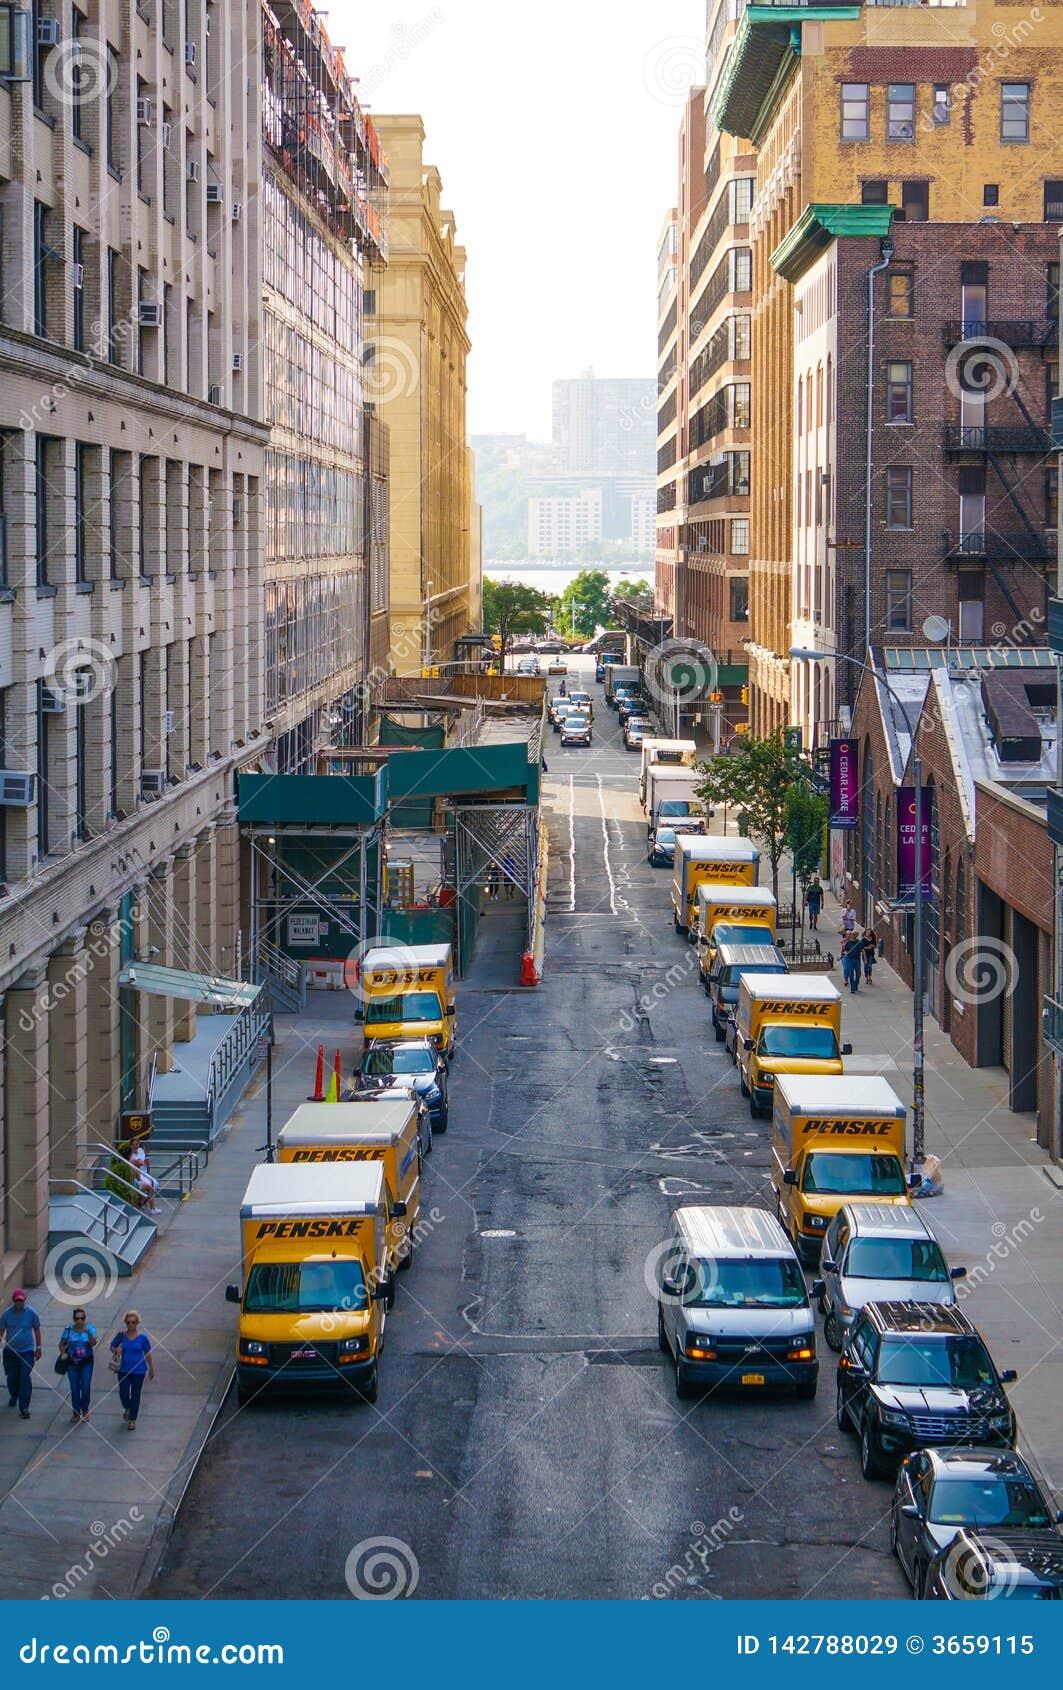 LKWs 'Penske 'in Folge in der schmalen Straße von NYC mit den Leuten, die vorbei gehen